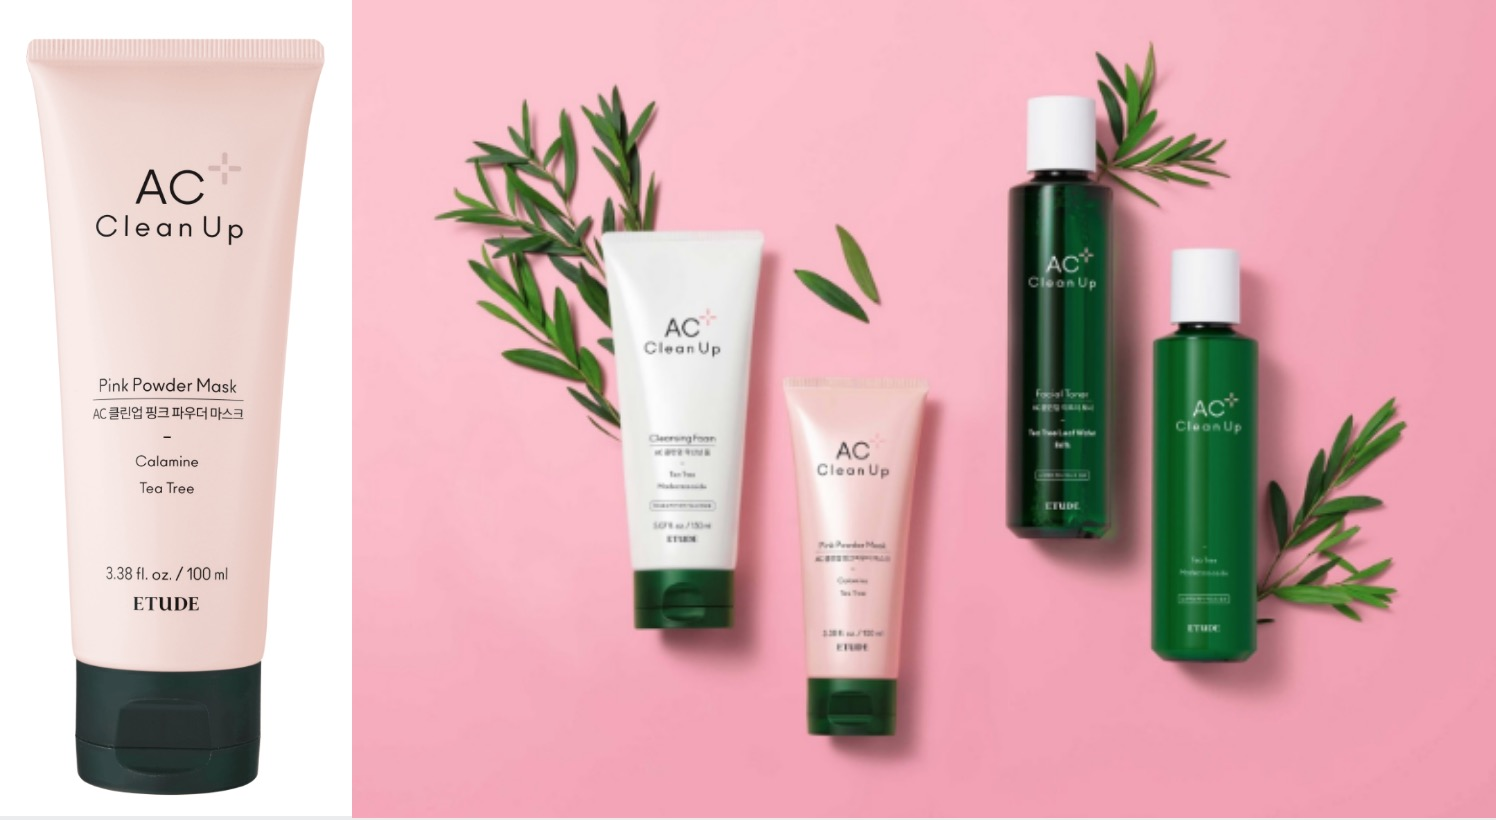 協助肌膚達到油水平衡的水洗式面膜,能幫助清潔老廢角質與毛孔中的細小汙垢,保濕型的霜泥狀面膜,不隨時間乾化,為肌膚增添水潤感。